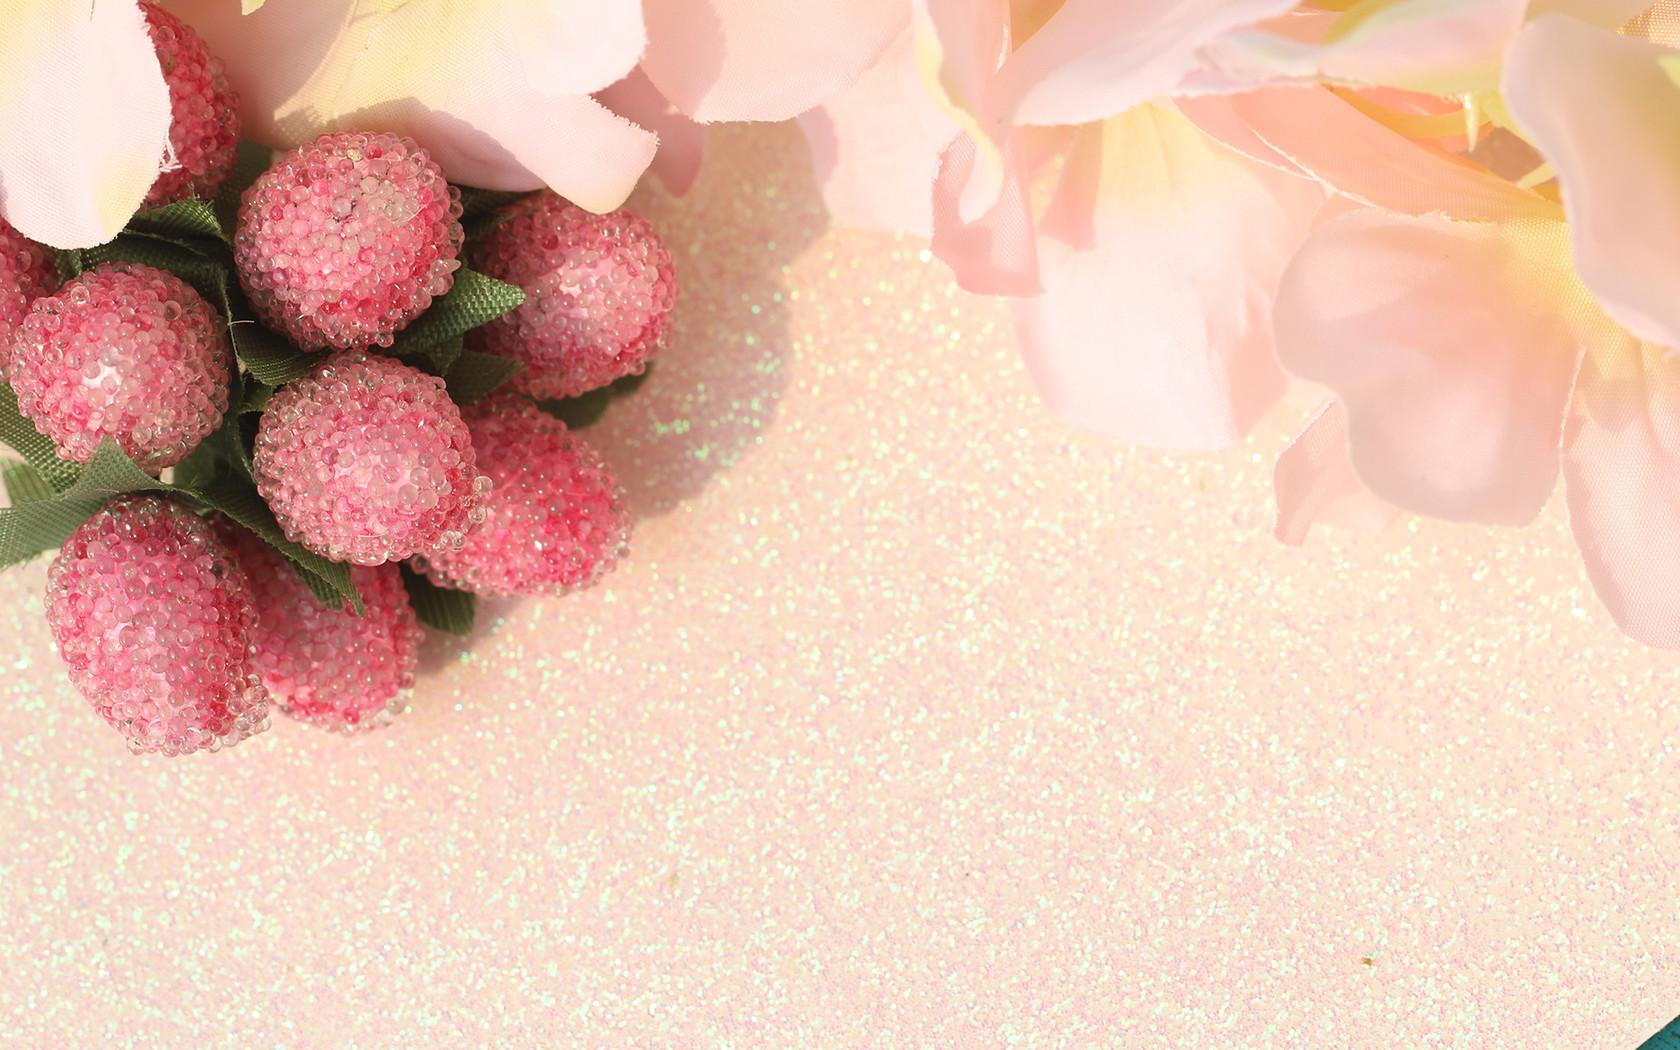 小清新浆果和花朵暖色ppt背景图片下载_幻灯片模板